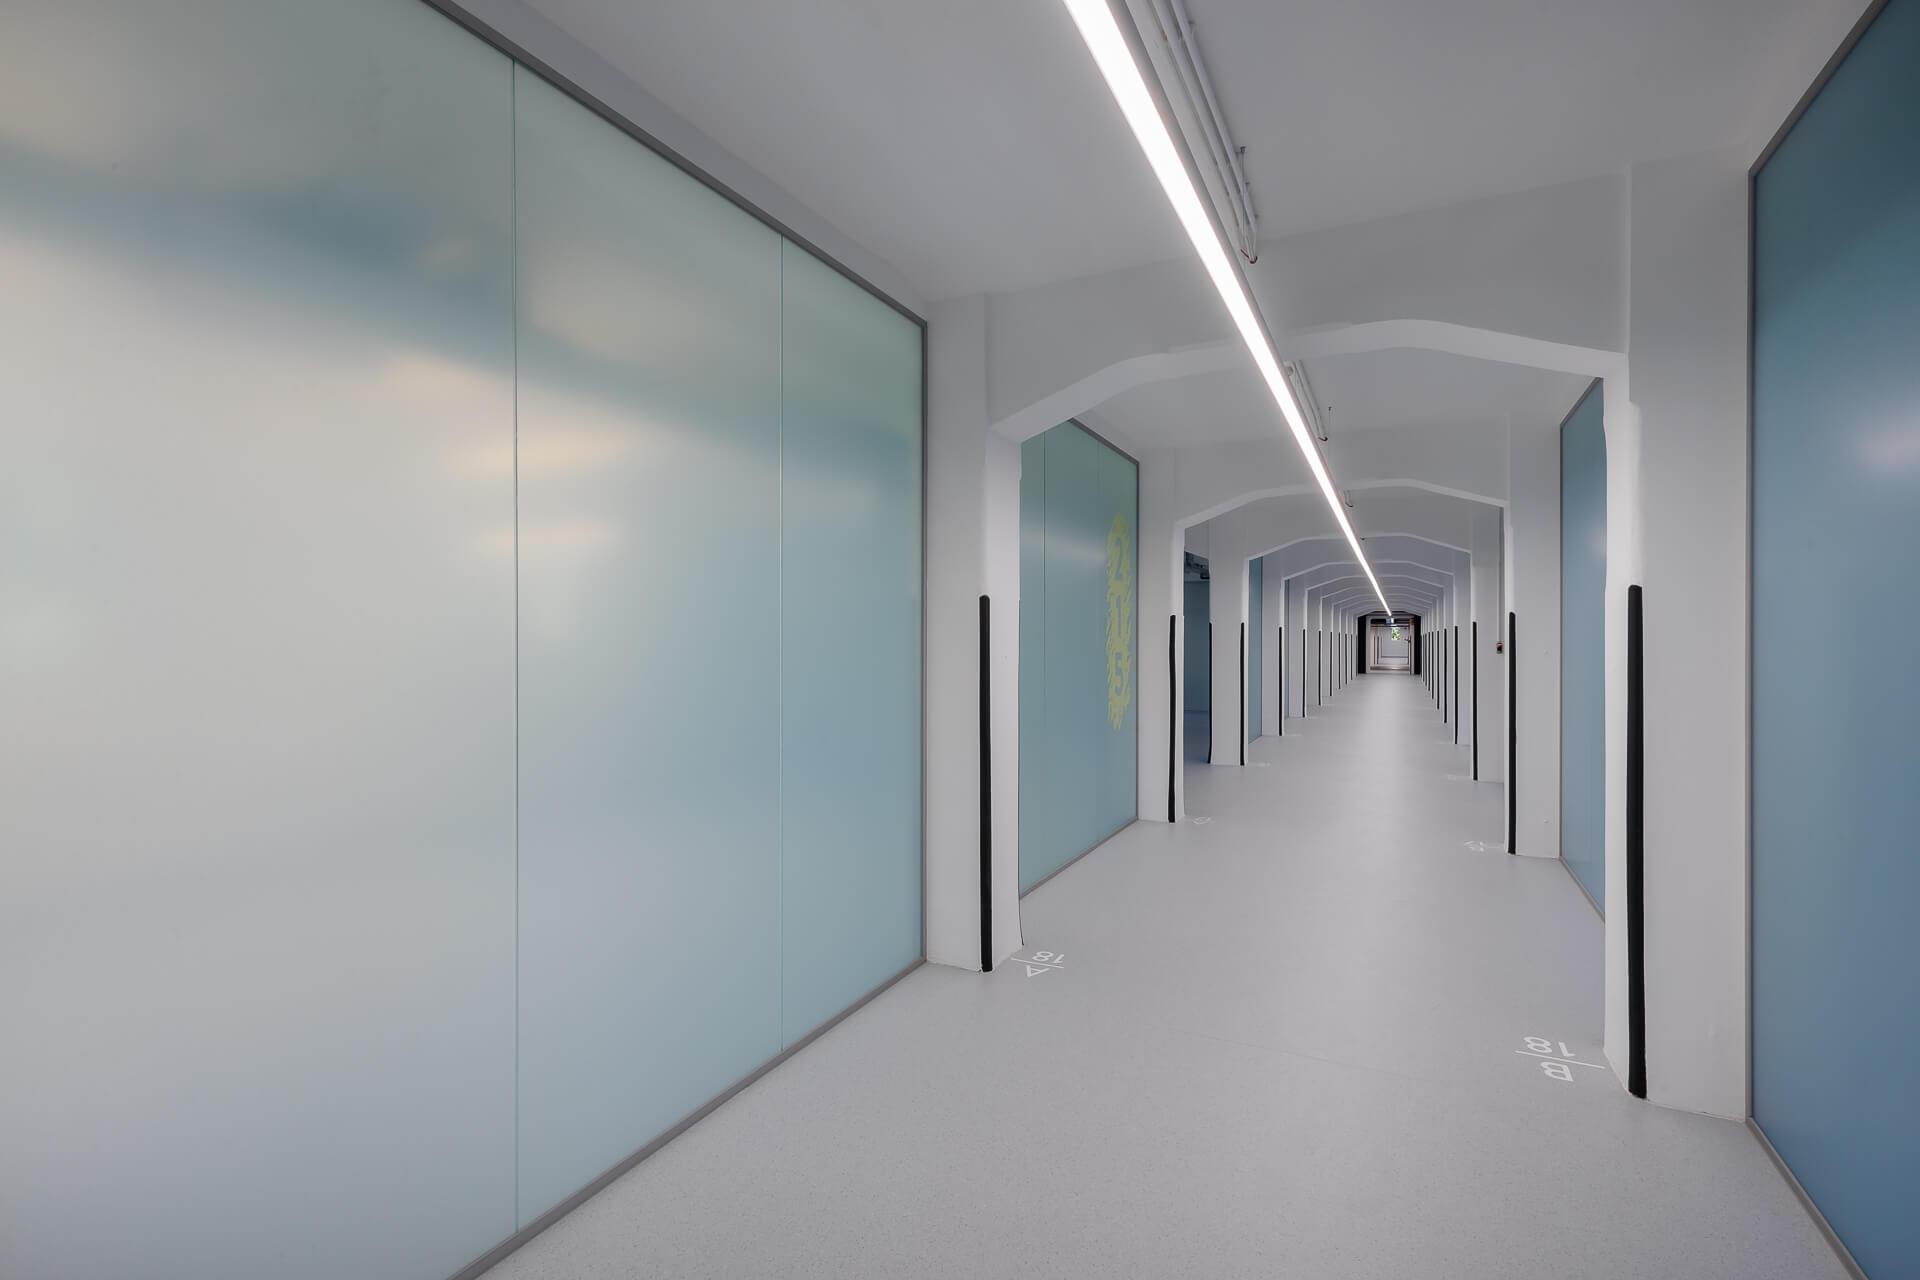 Büroräume für das Lechner Knowledge Center